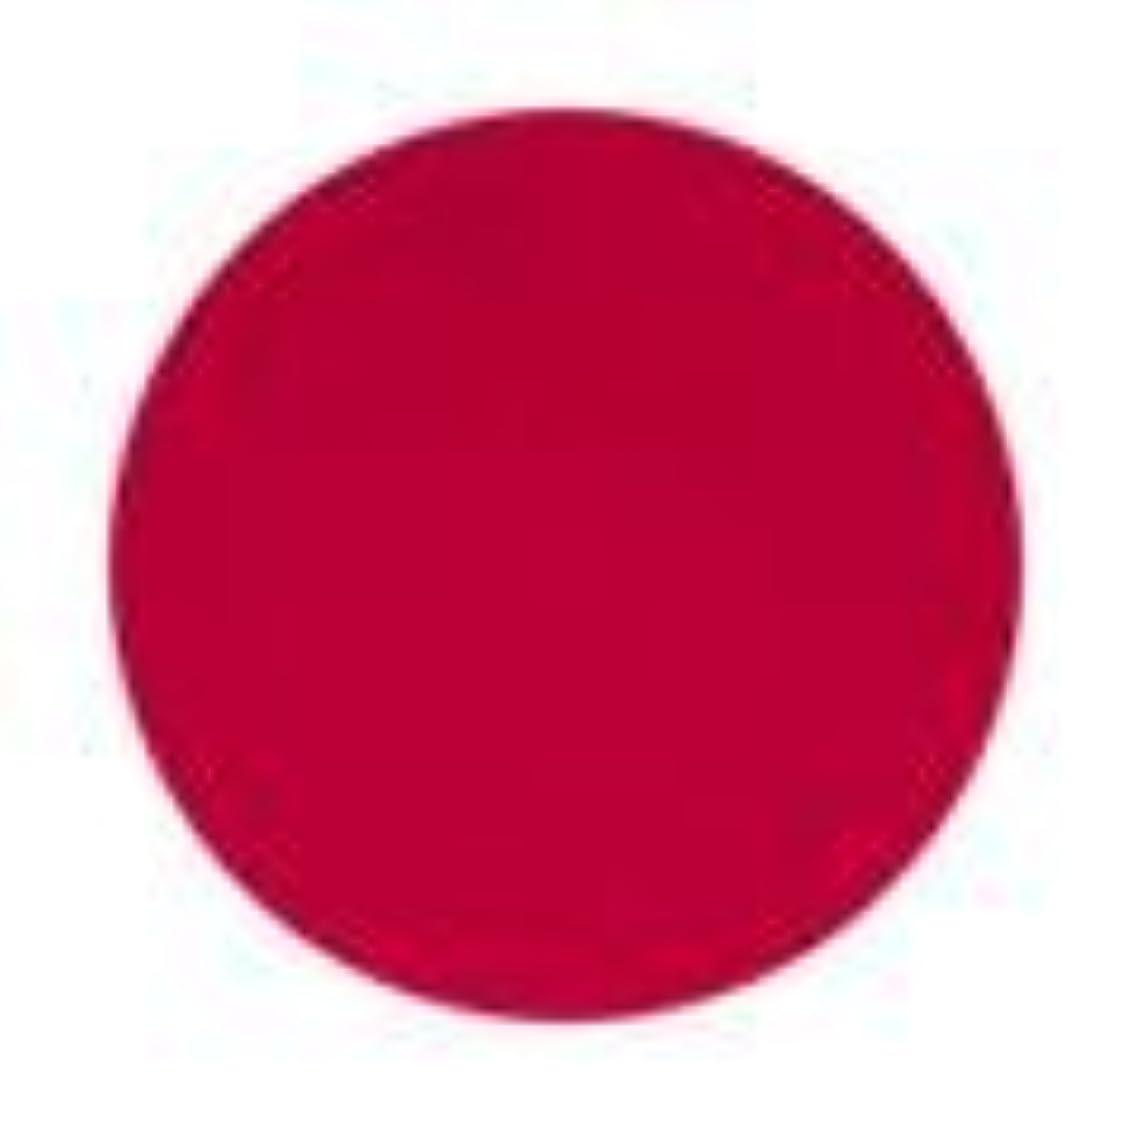 に対処するカプラー心配するJessica ジェレレーション カラー 15ml  120 ロイヤルレッド